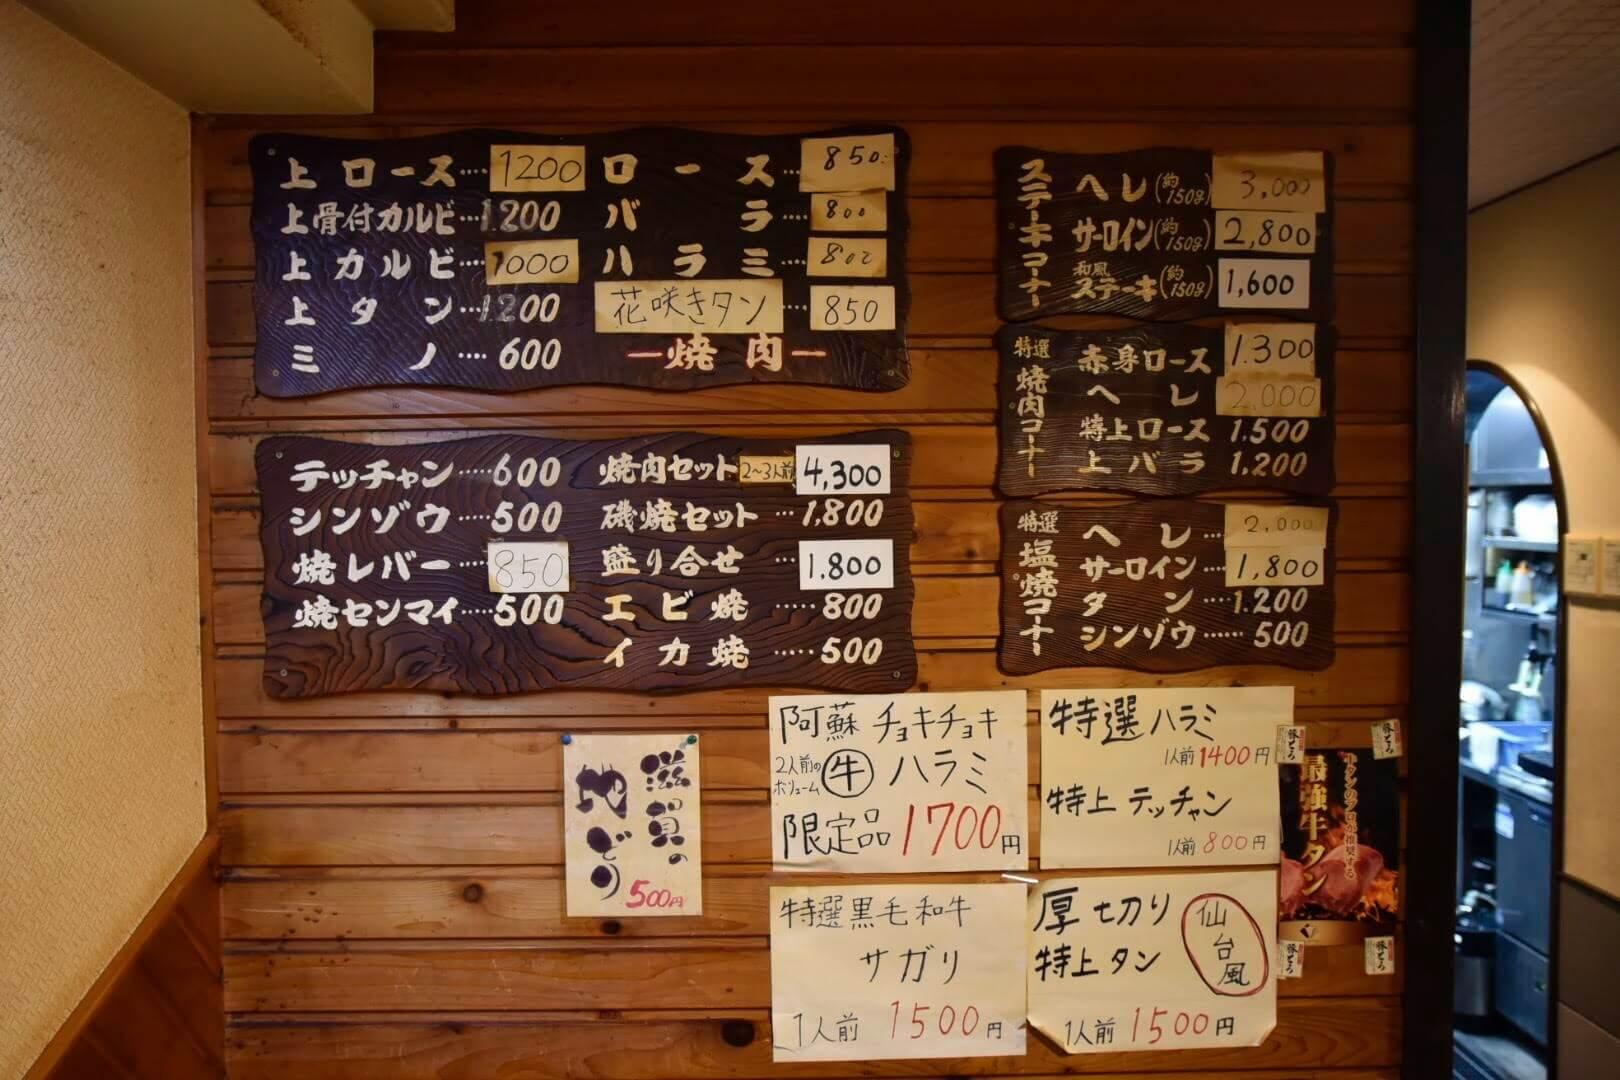 焼肉阿蘇のメニュー表